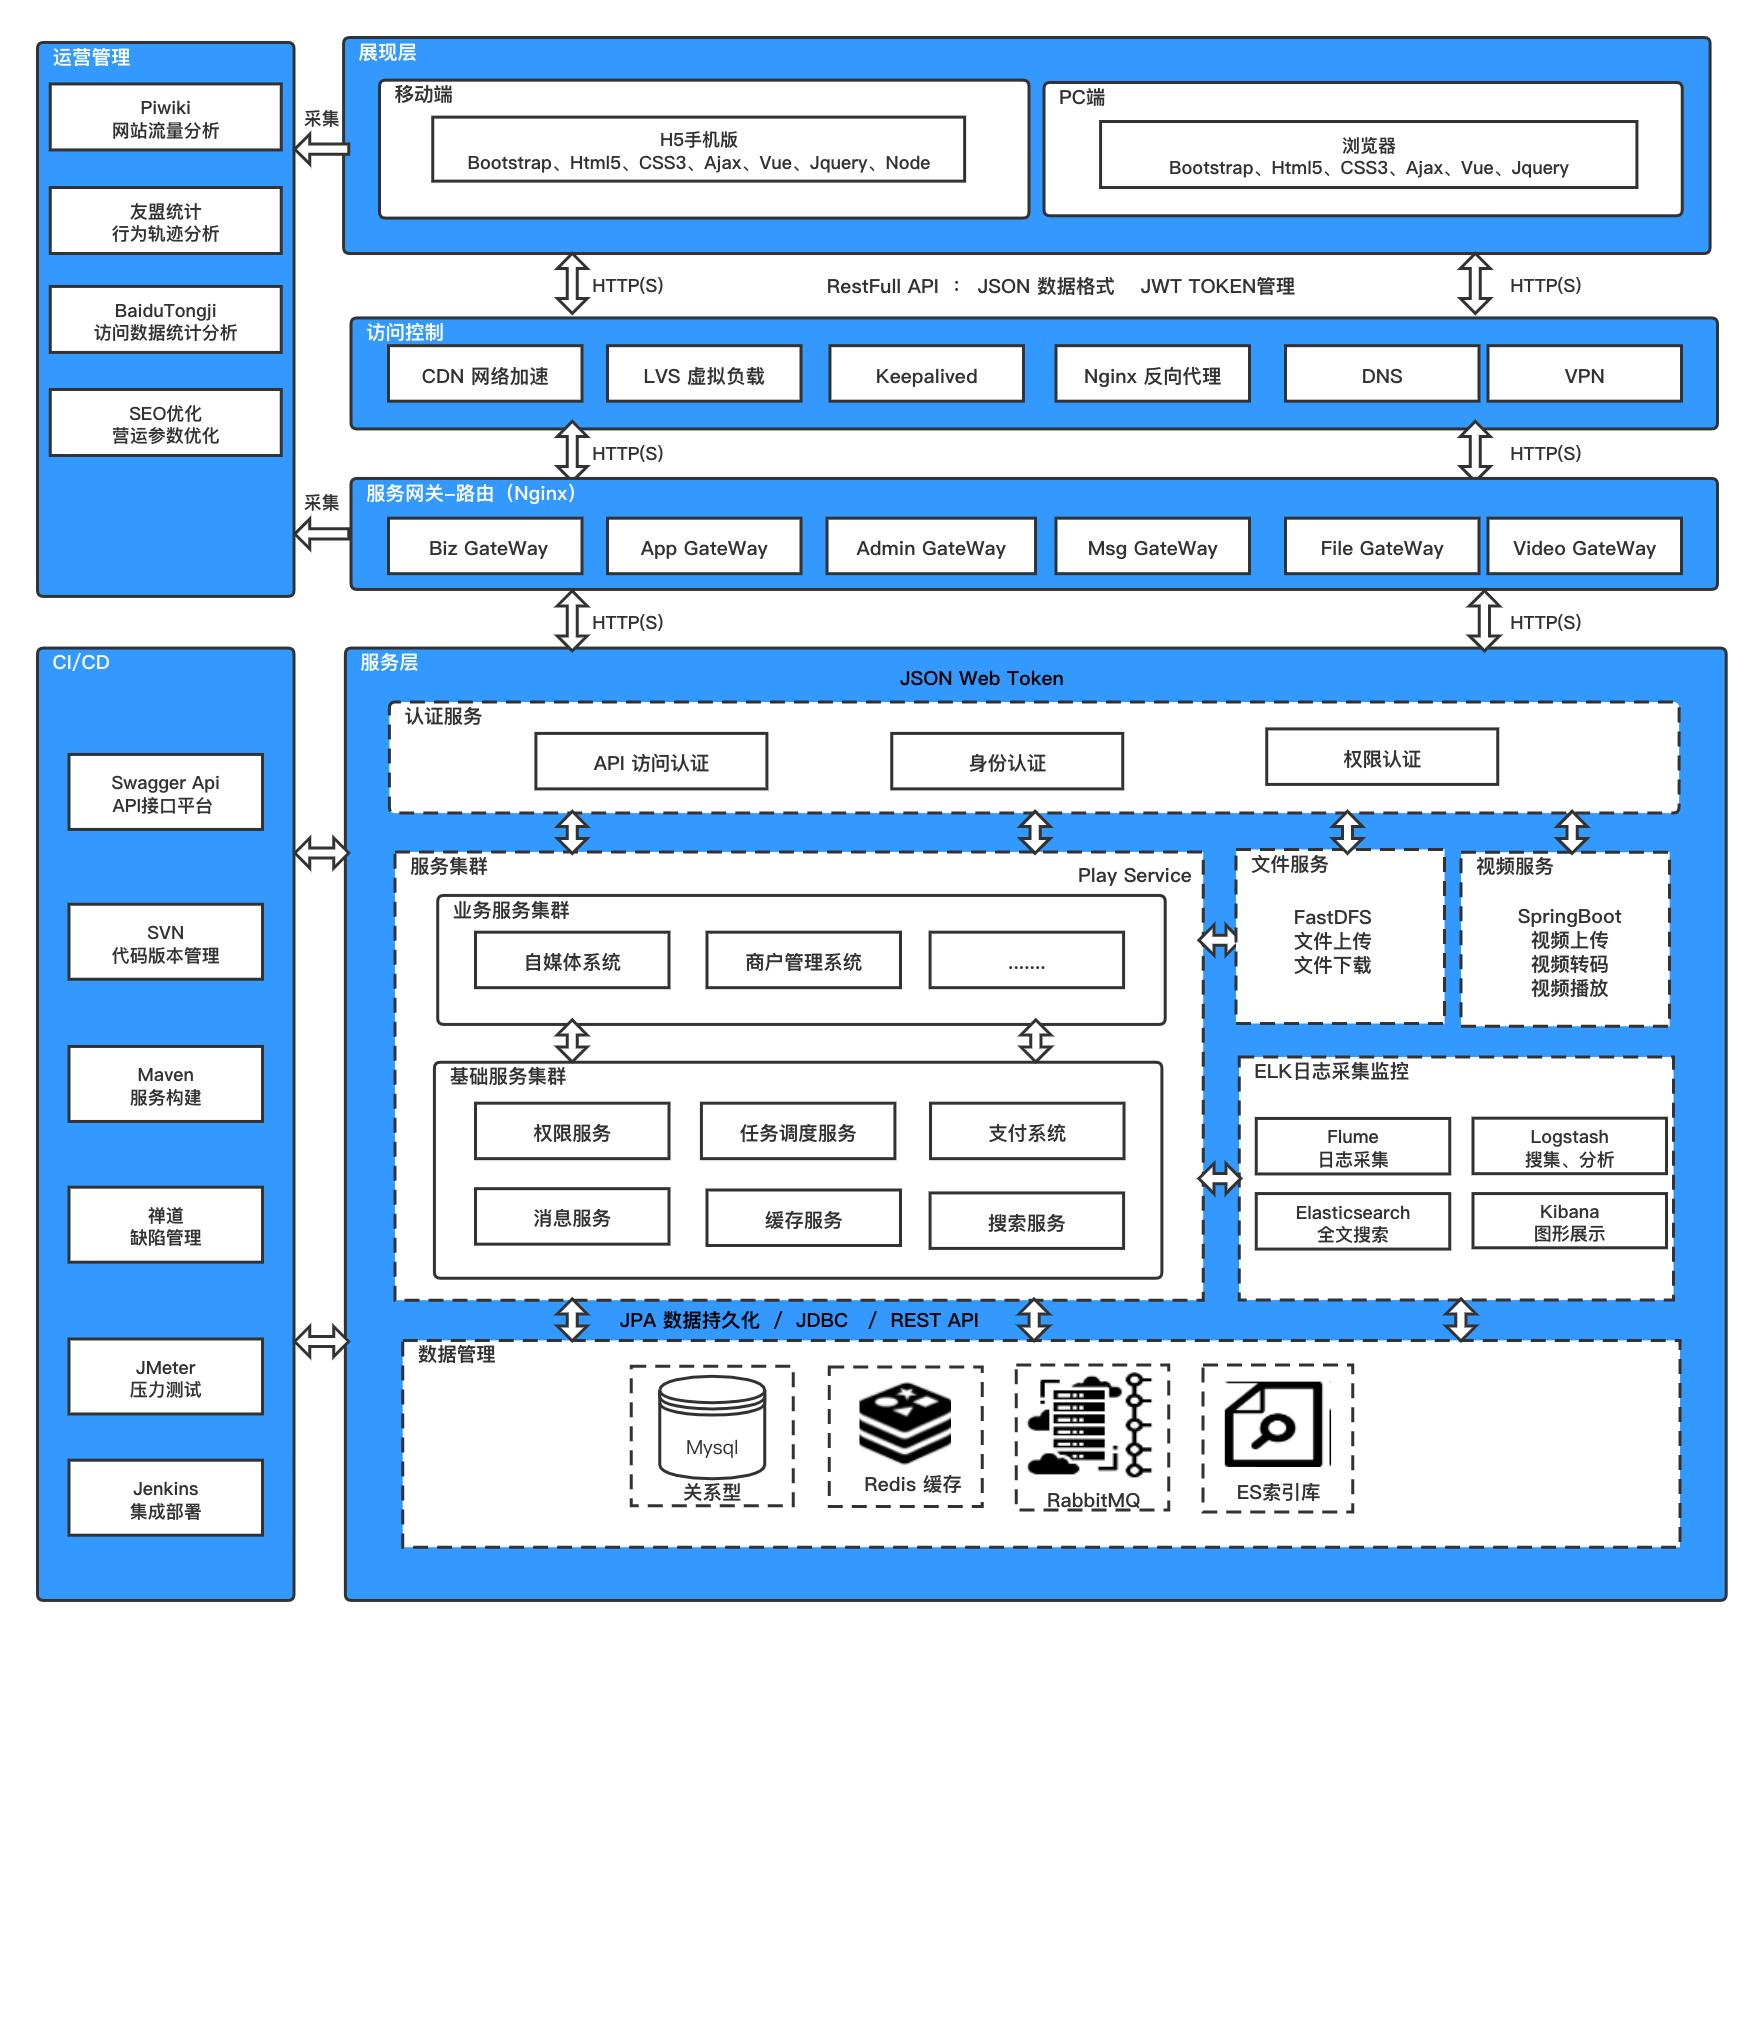 微分销技术架构.jpg